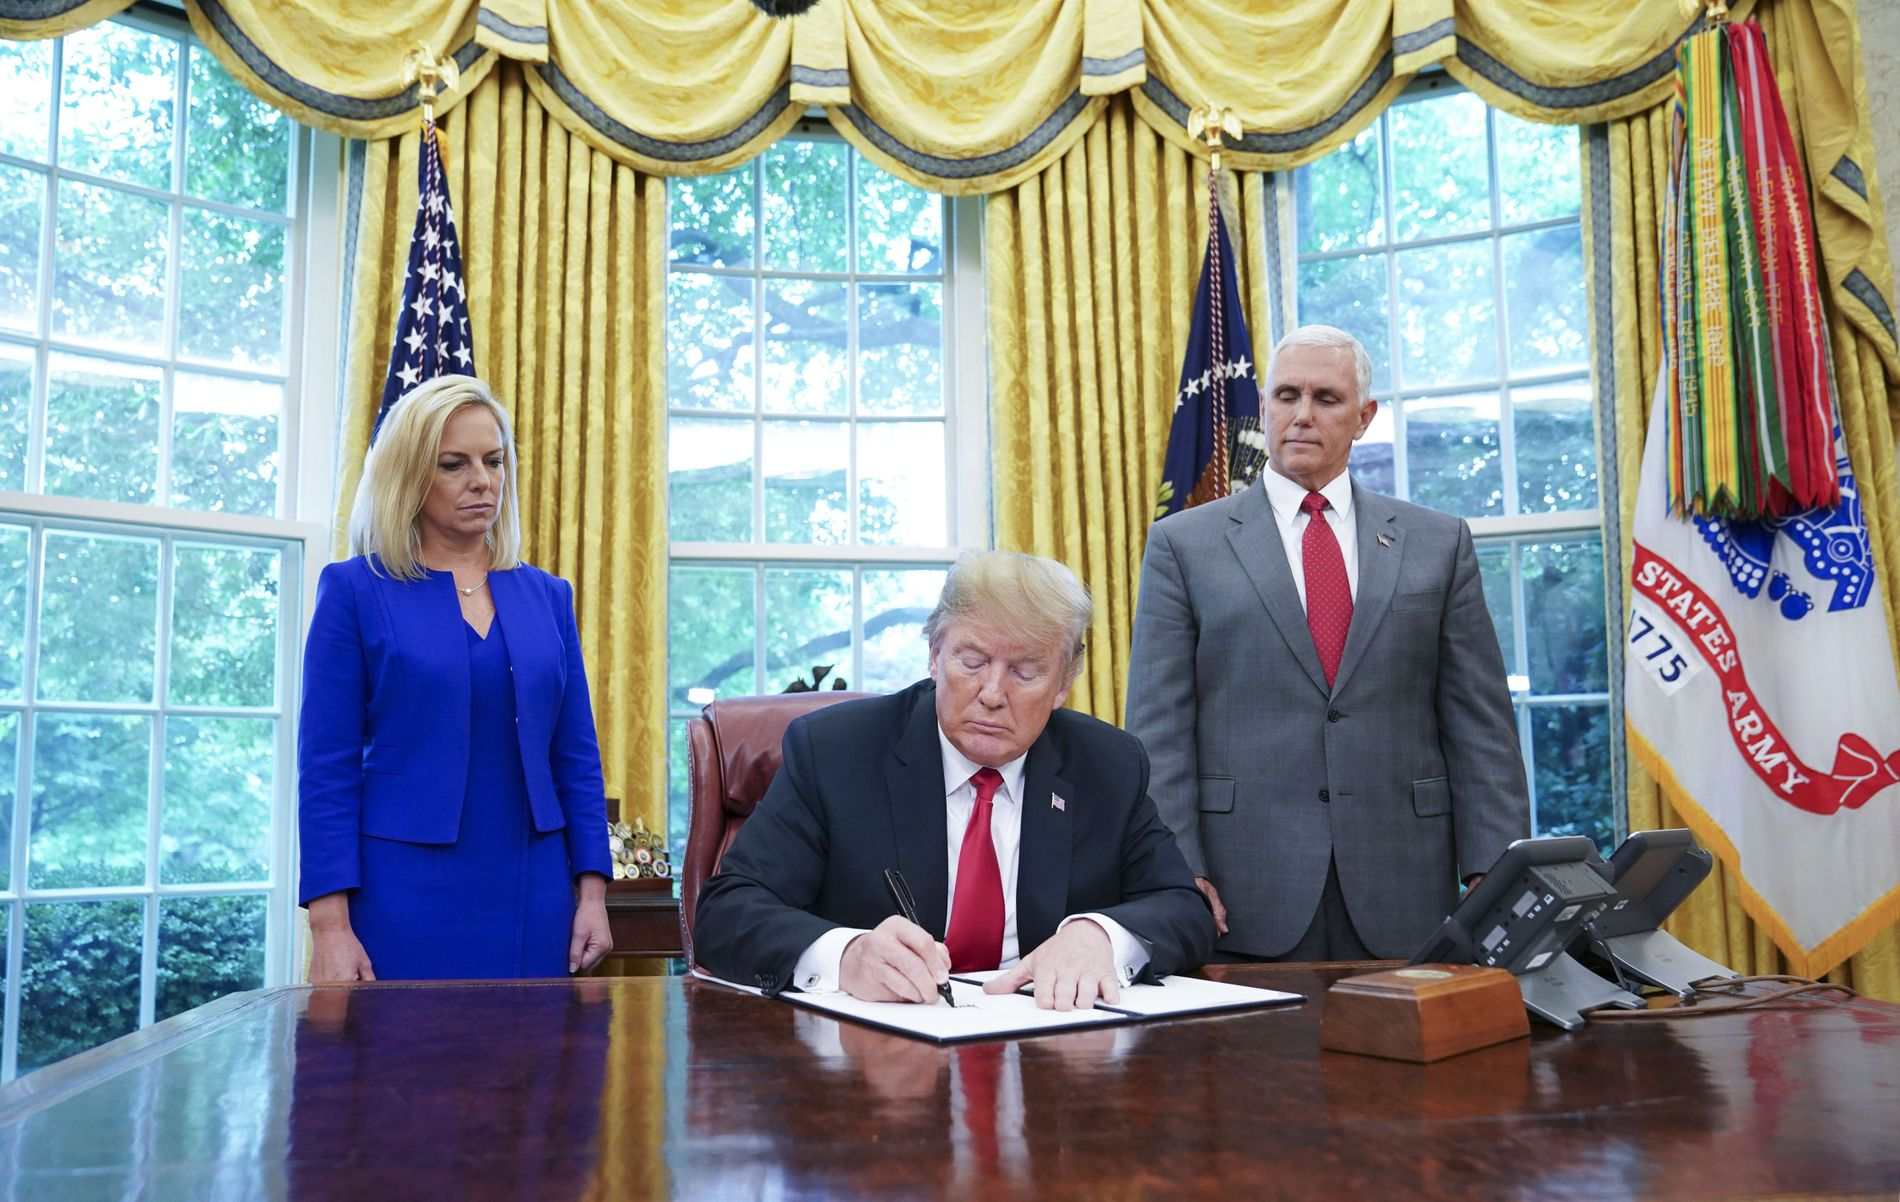 PÅ ONSDAG: Donald Trump signerte presidentdirektivet som skal sikre at nyankomne barn og foreldre ikke blir splittet på grensen.